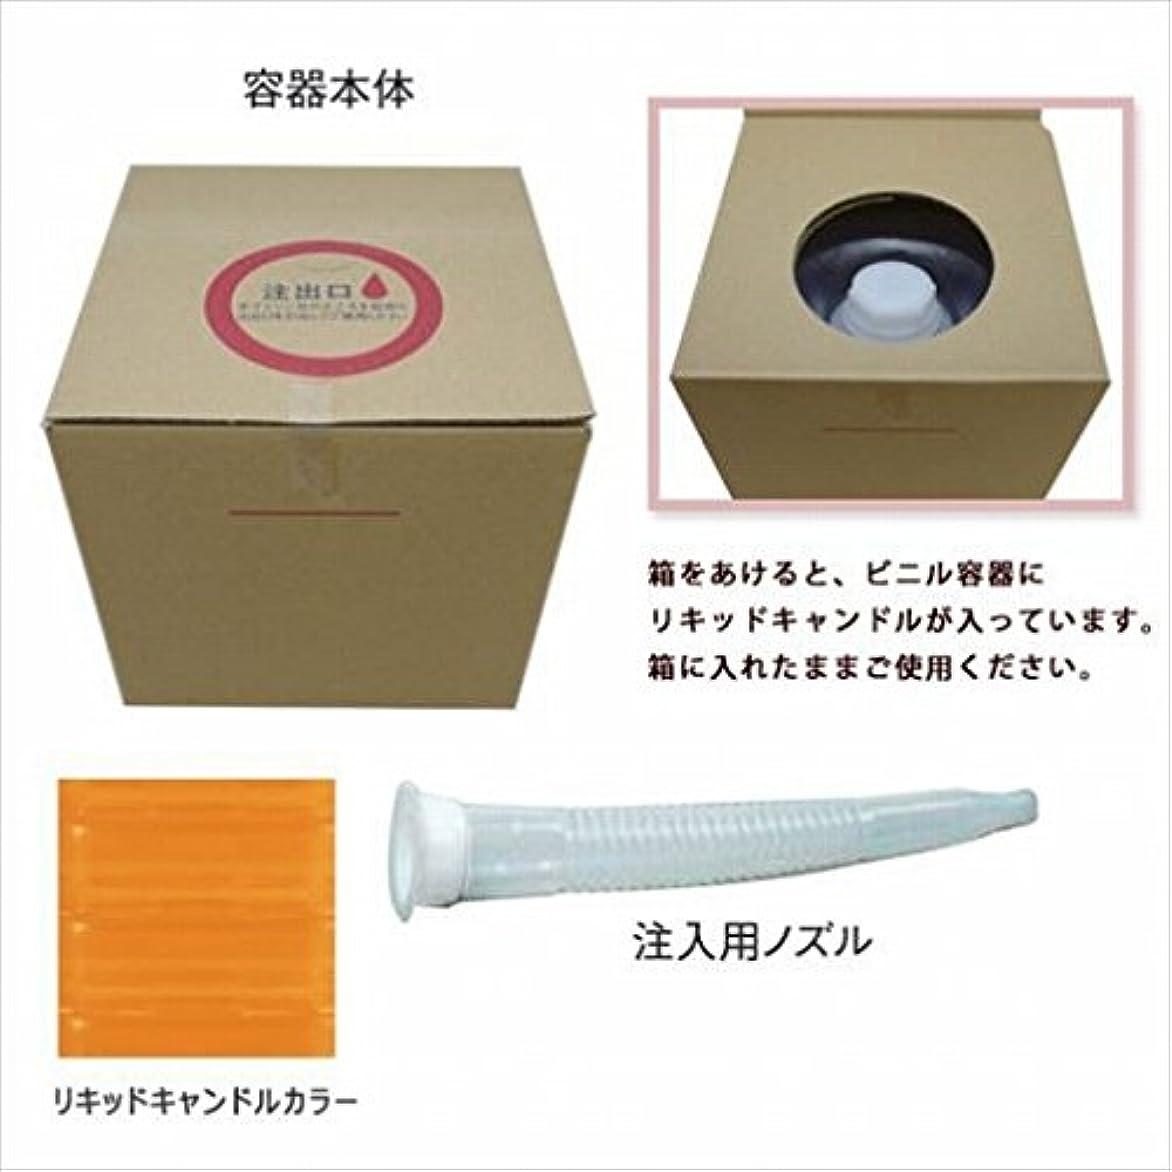 のためにうめきトンネルカメヤマキャンドル(kameyama candle) リキッドキャンドル5リットル 「 シャンパンゴールド 」